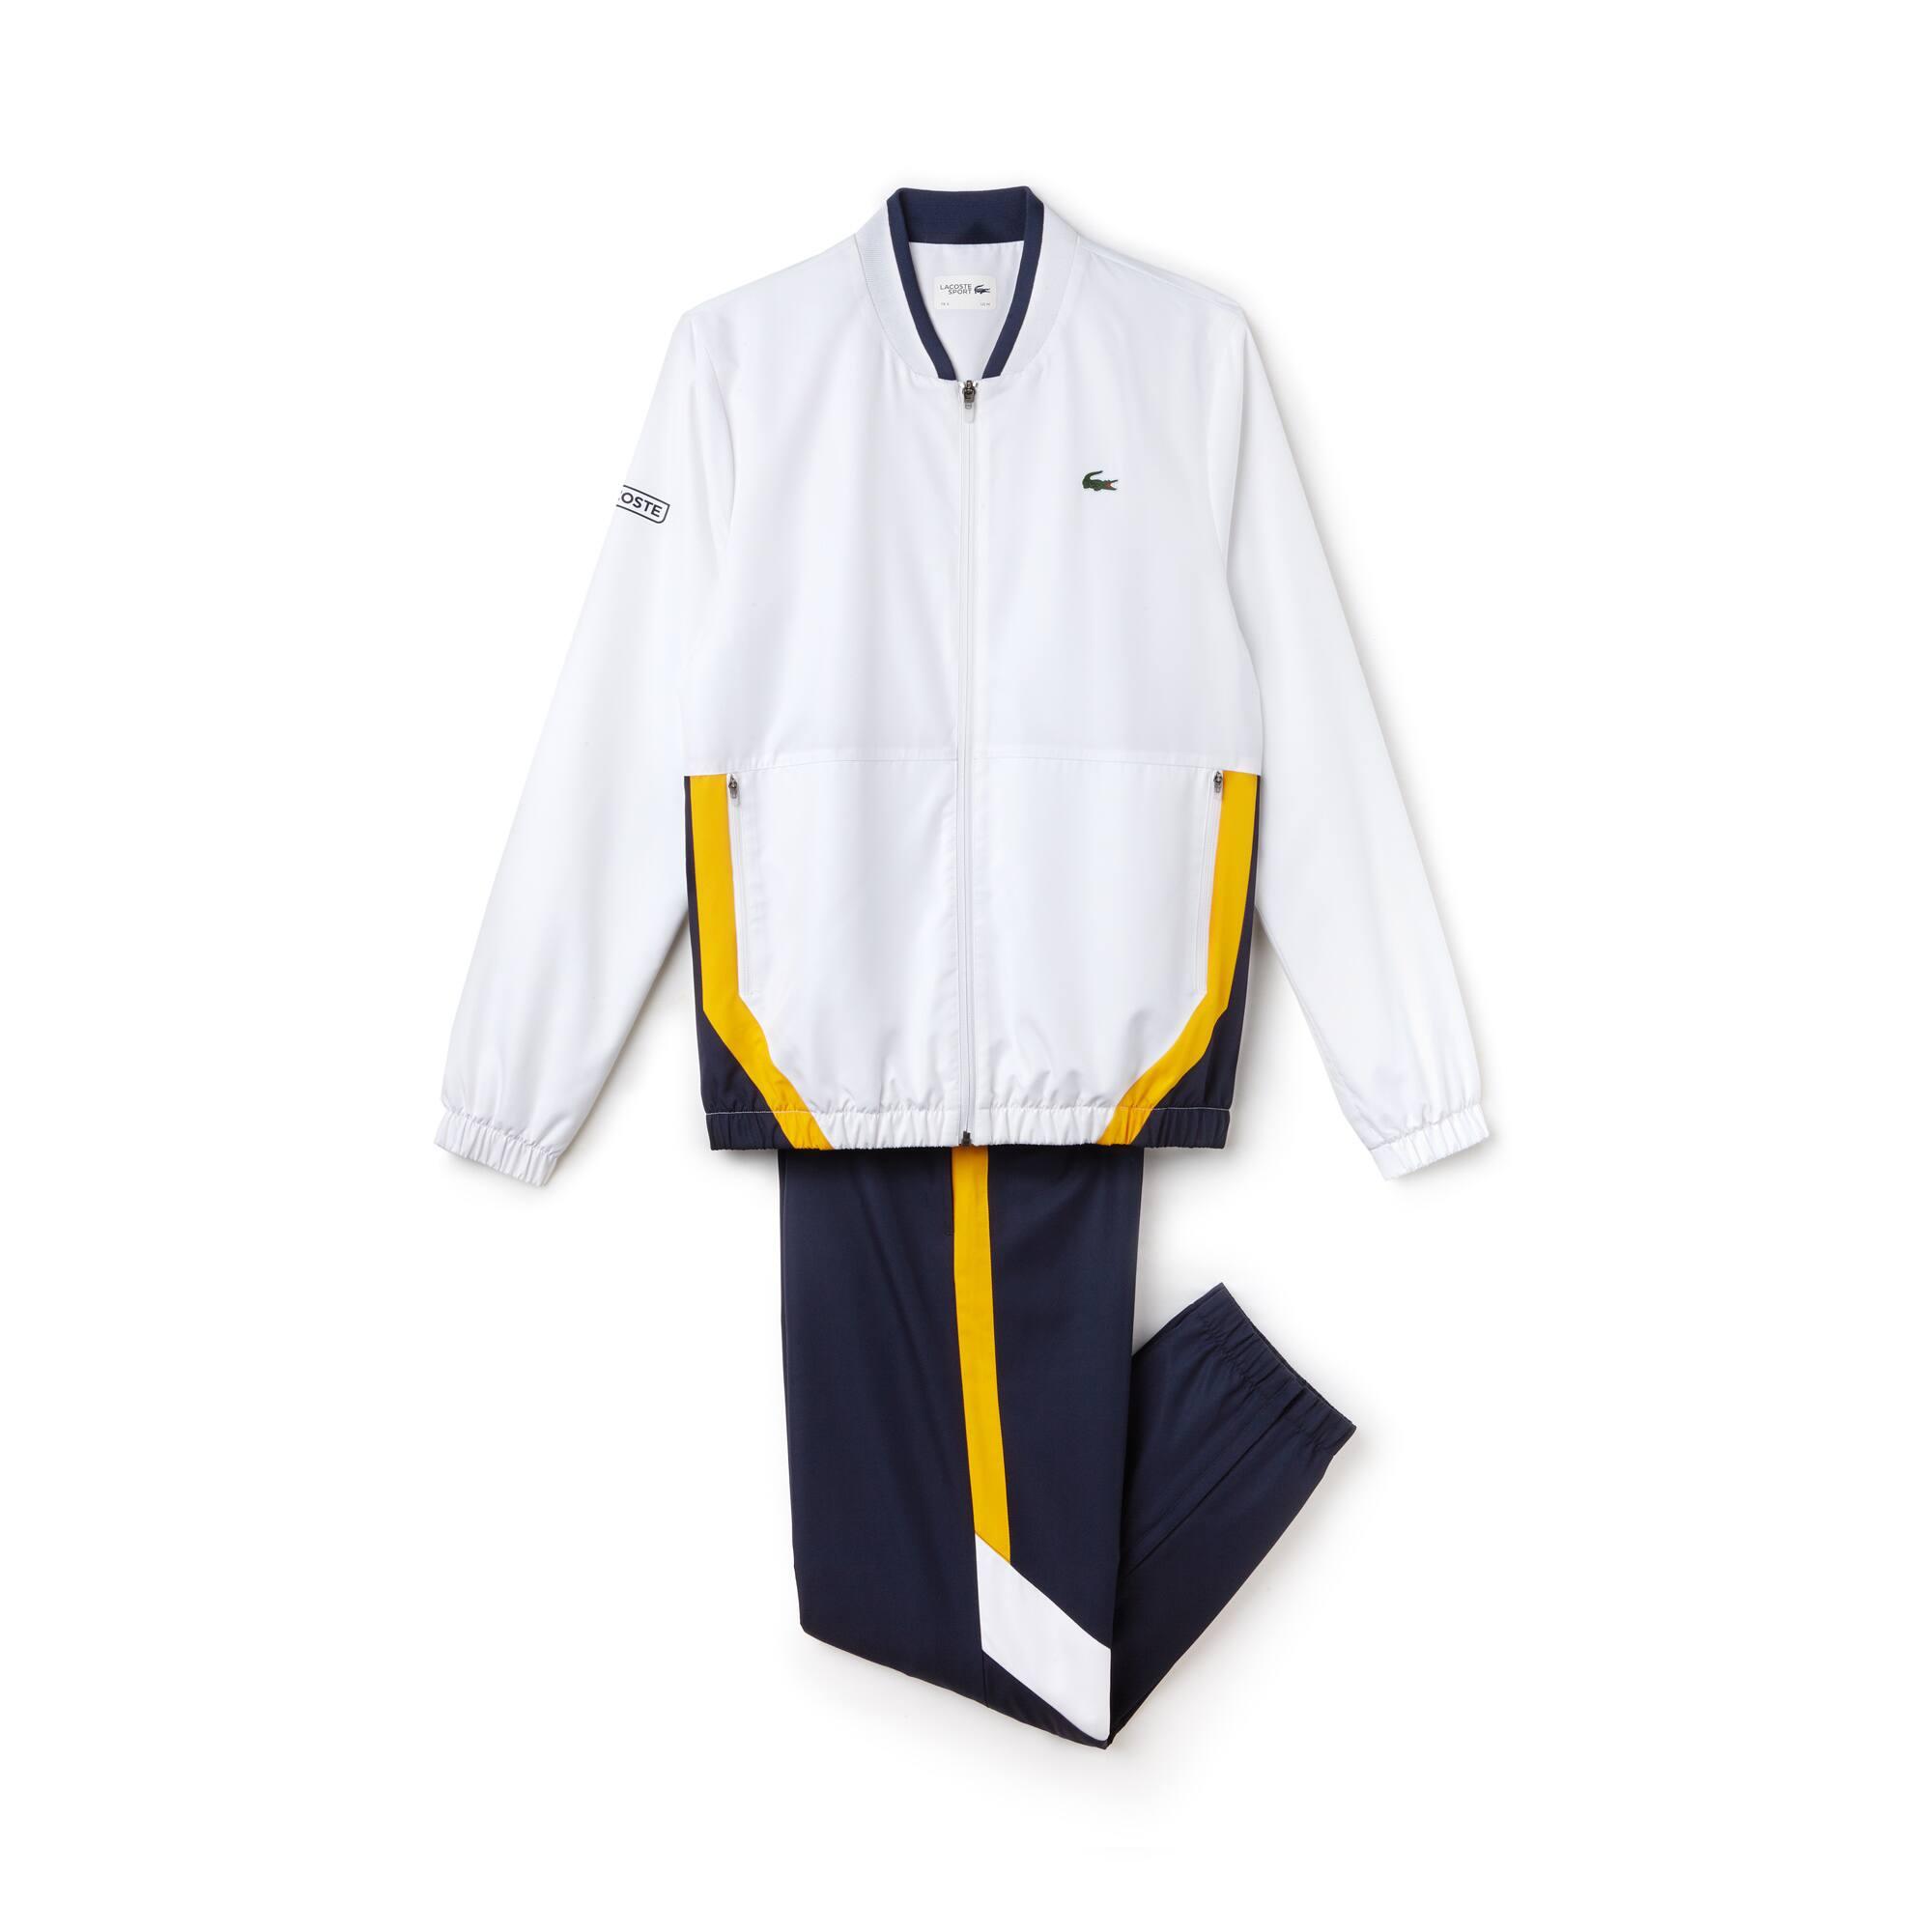 Men's Lacoste SPORT Colorblock Taffeta Tennis Tracksuit